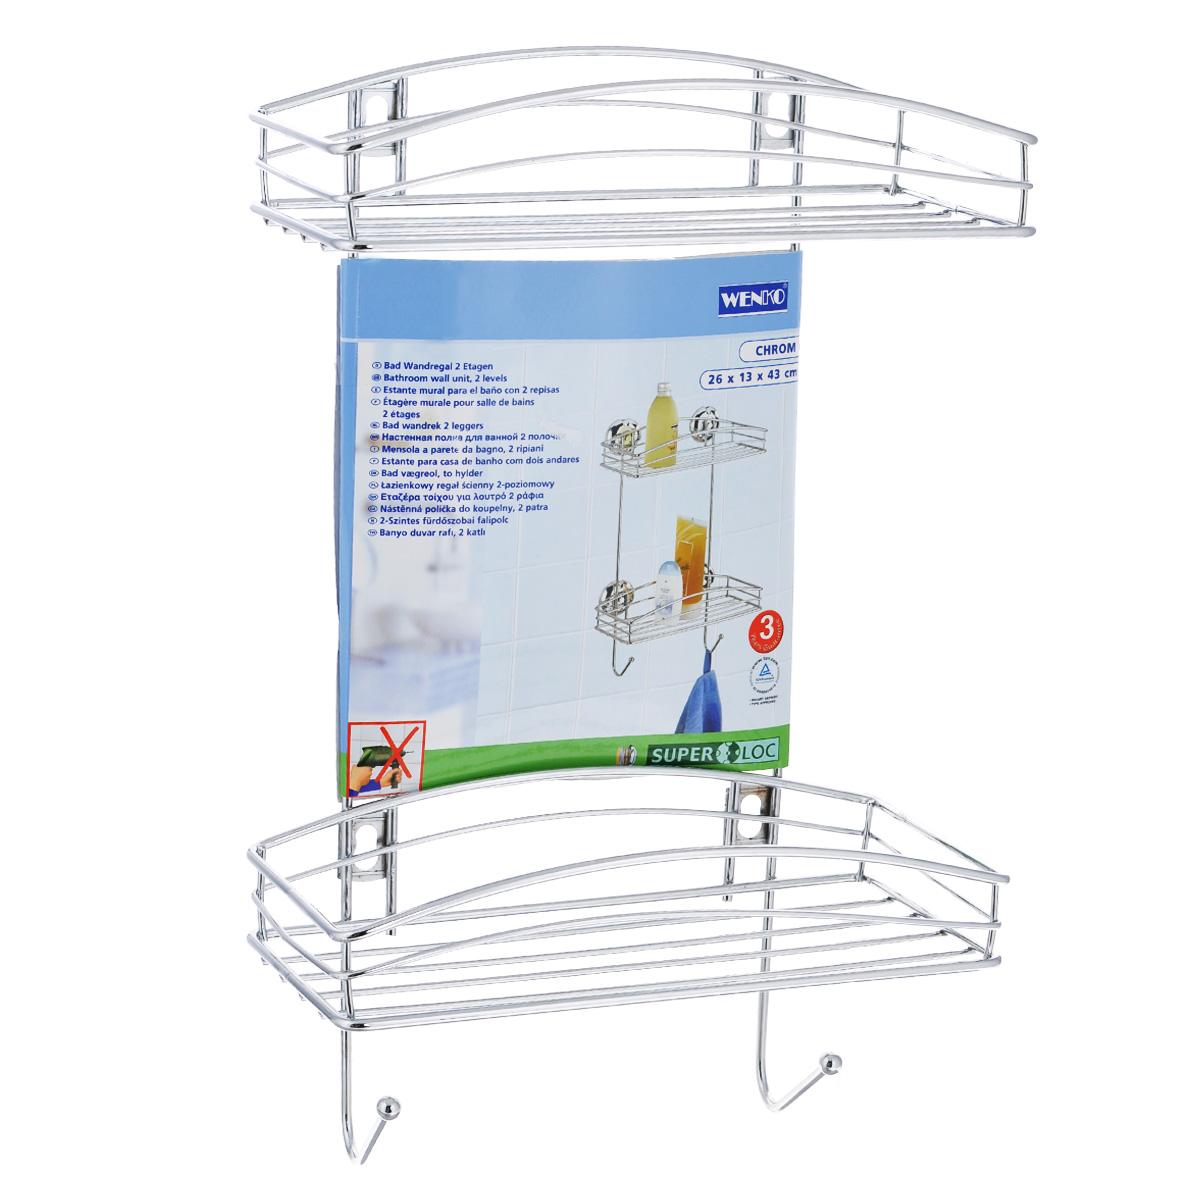 Полка для ванной комнаты Wenko Chrom, двухъярусная16767100Полка для ванной комнаты Wenko Chrom выполнена из высококачественной нержавеющей стали и покрытая специальным, влагозащитным полимерным покрытием. Состоит из двух небольших полочек. Полка имеет два крючка, на которые можно повесить полотенца. Крепится на четыре присоски, которые входят в комплект. Полка пригодится для хранения различных предметов, которые всегда будут под рукой. Удобная и практичная металлическая полочка Wenko Chrom станет незаменимым аксессуаром в вашем хозяйстве.